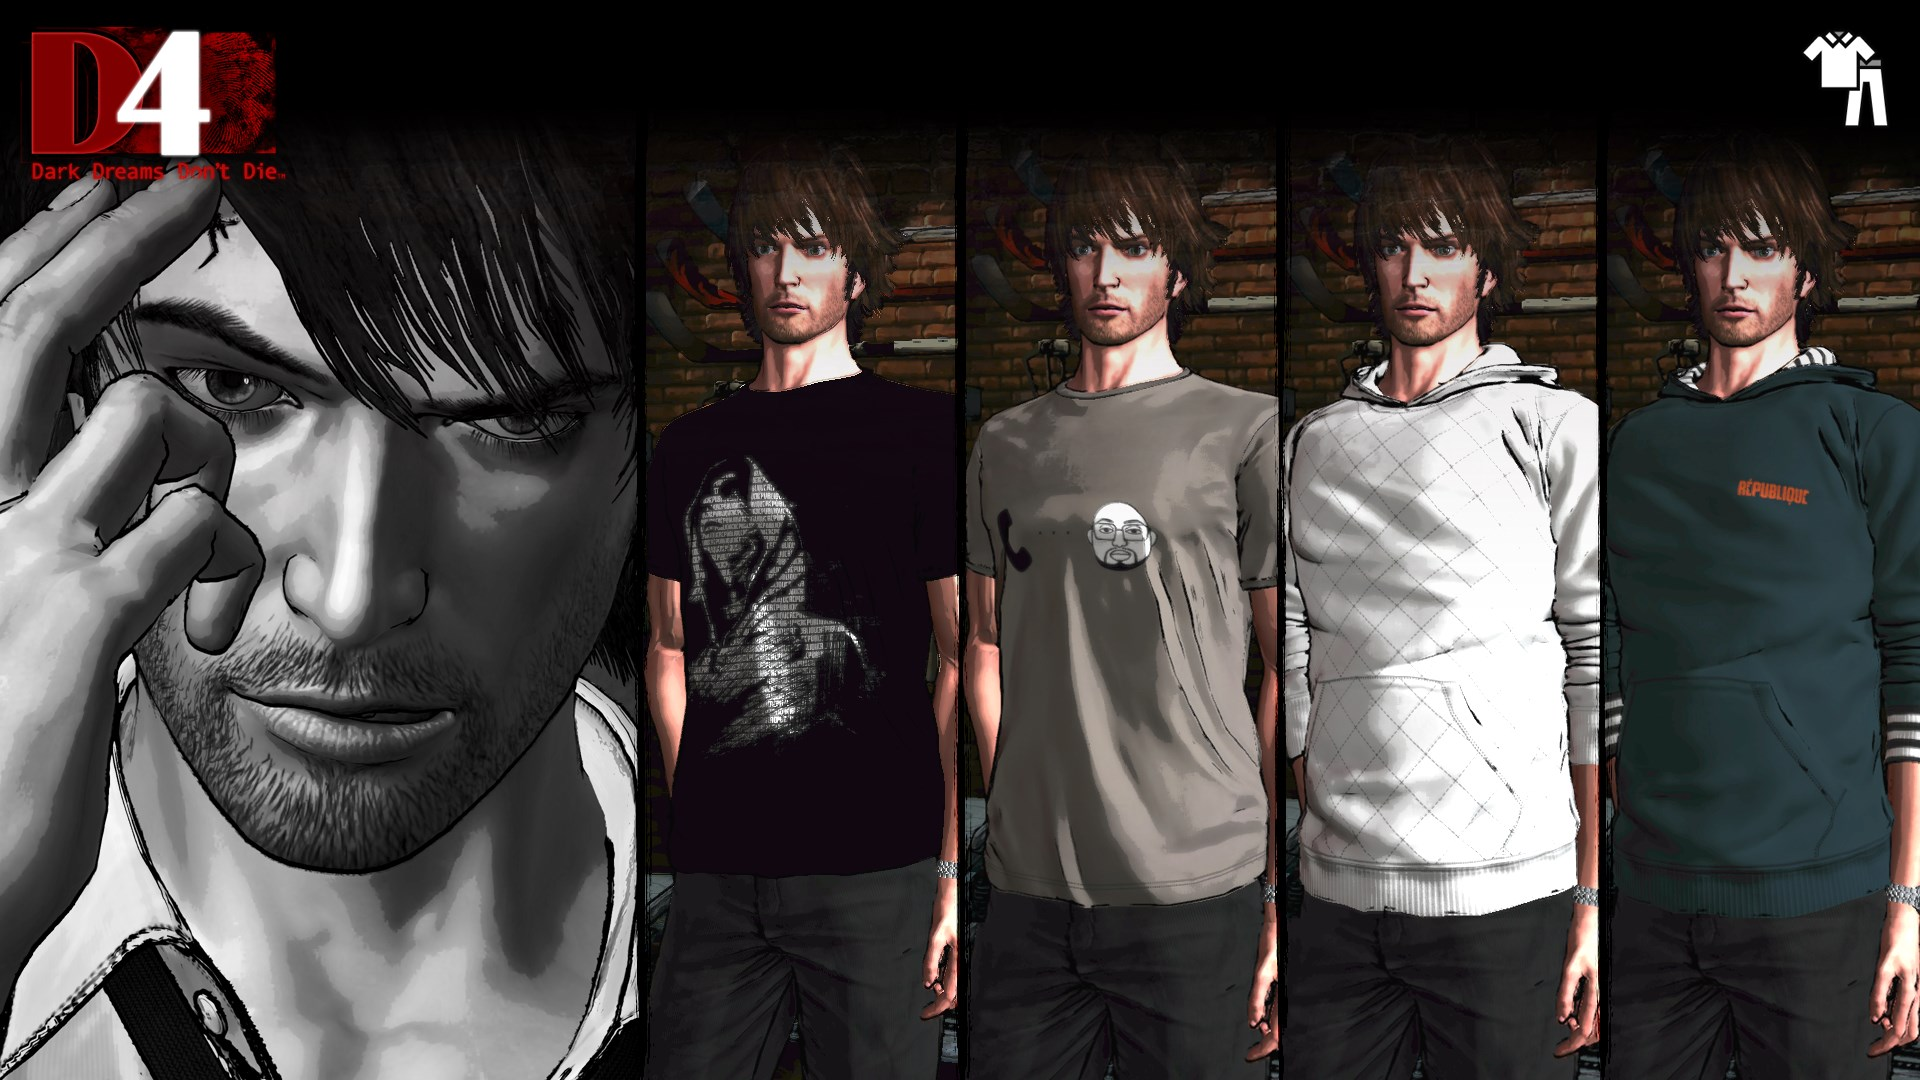 D4: Dark Dreams Don't Die - République Clothing Set